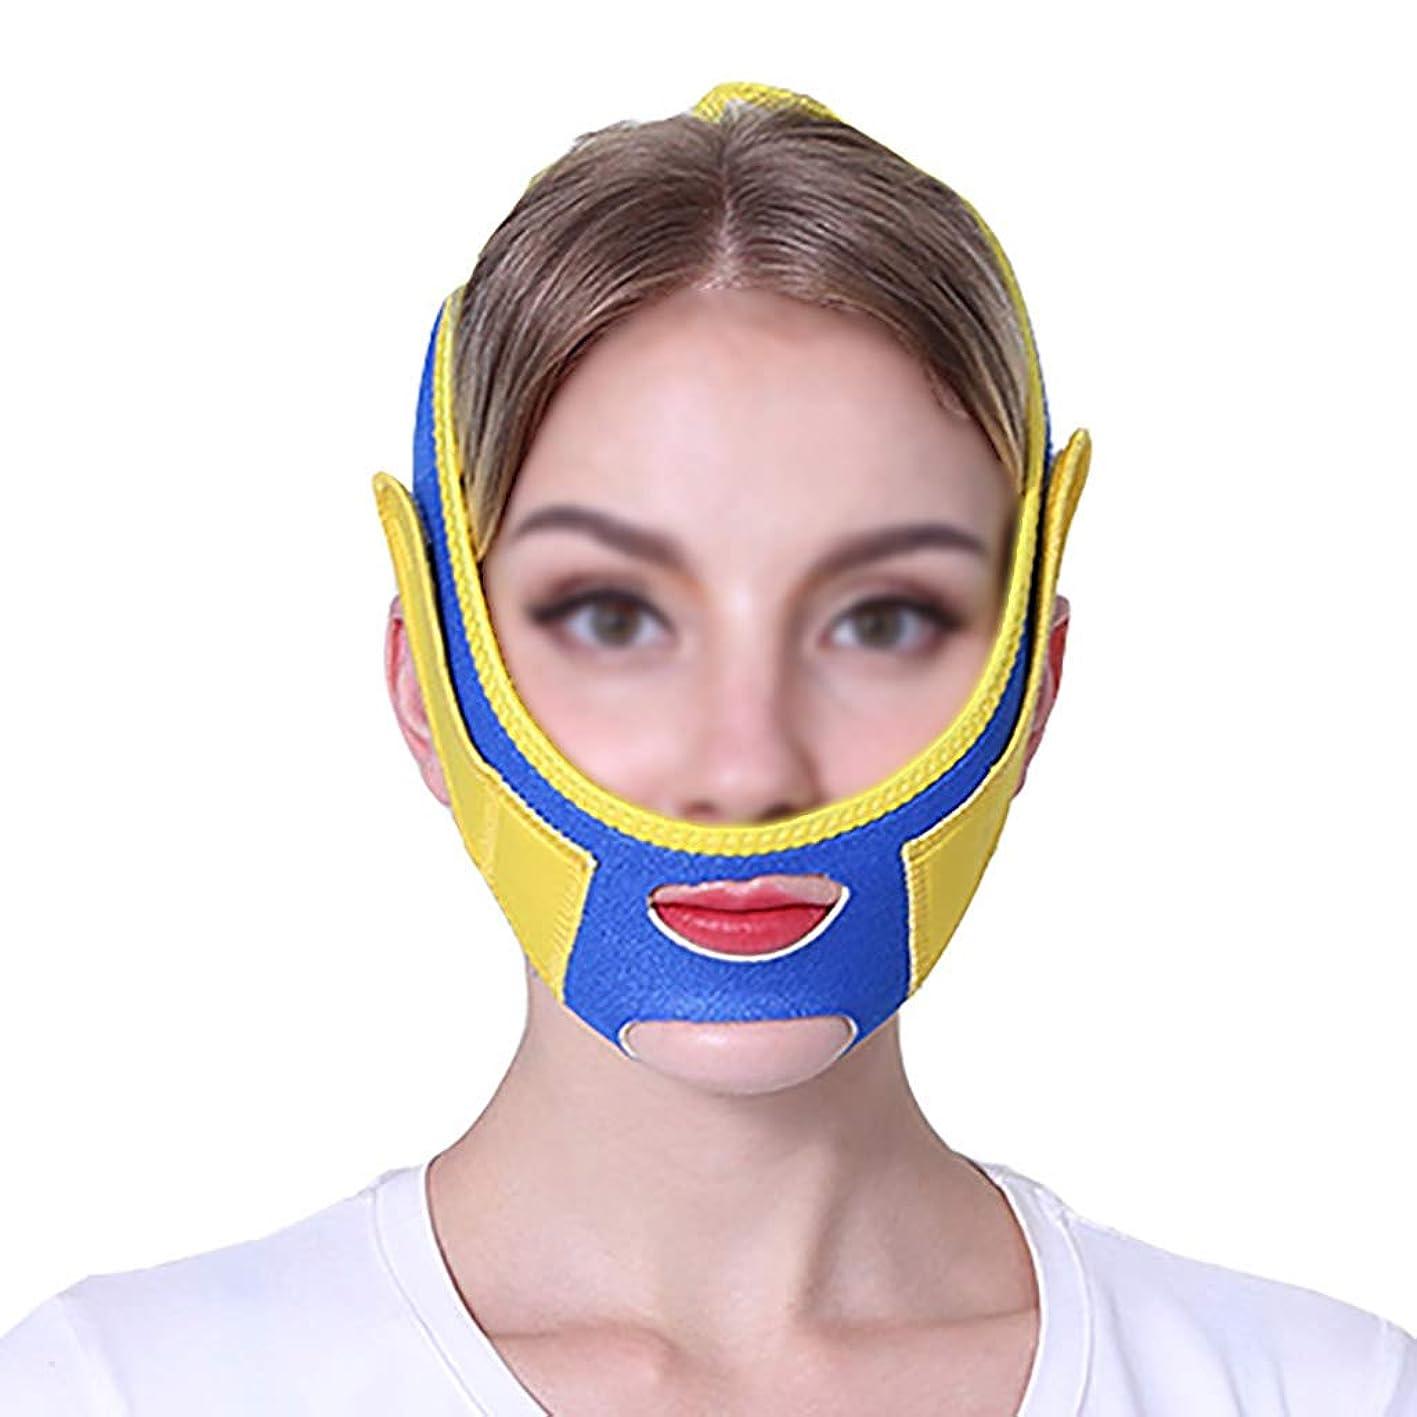 社会学叫ぶ任命TLMY ファーミングマスクスモールvフェイスアーティファクトリフティングマスクフェイスリフティングフェイスリフティングマスクファーミングクリームフェイシャルリフティング包帯 顔用整形マスク